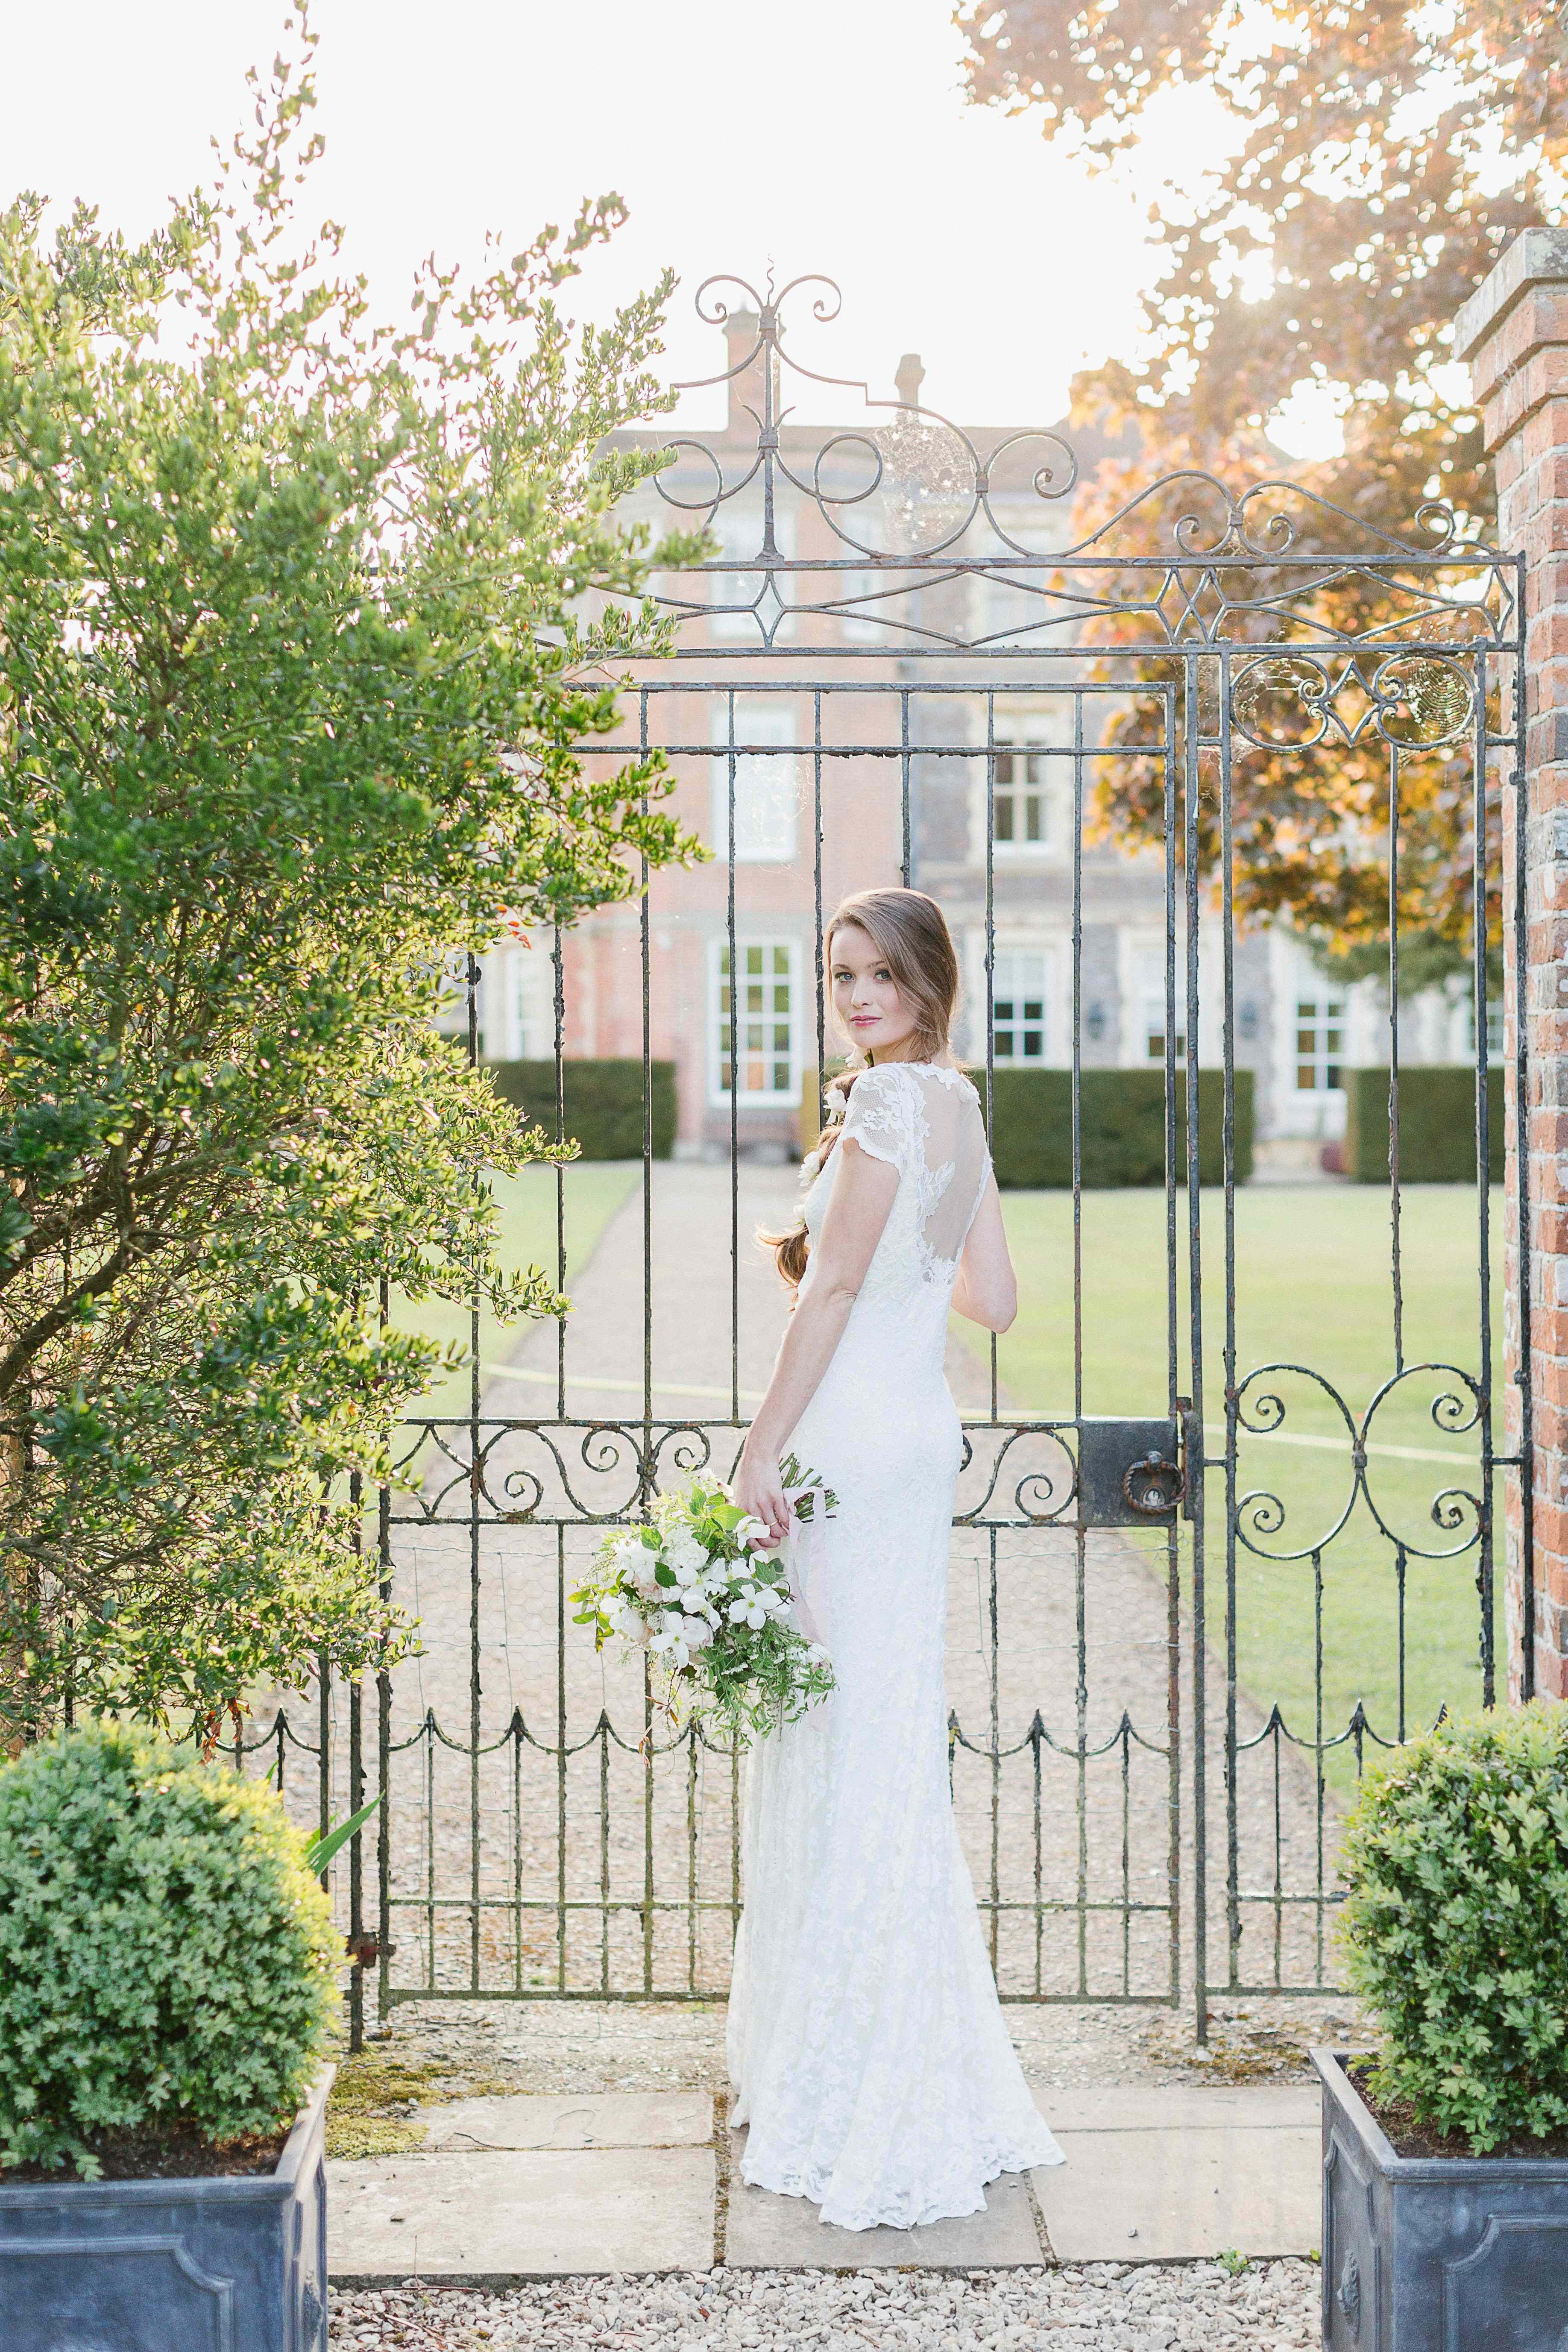 Shine-Female-Model-London-Charlotte-Bridal-Commerical-05.jpg#asset:44516